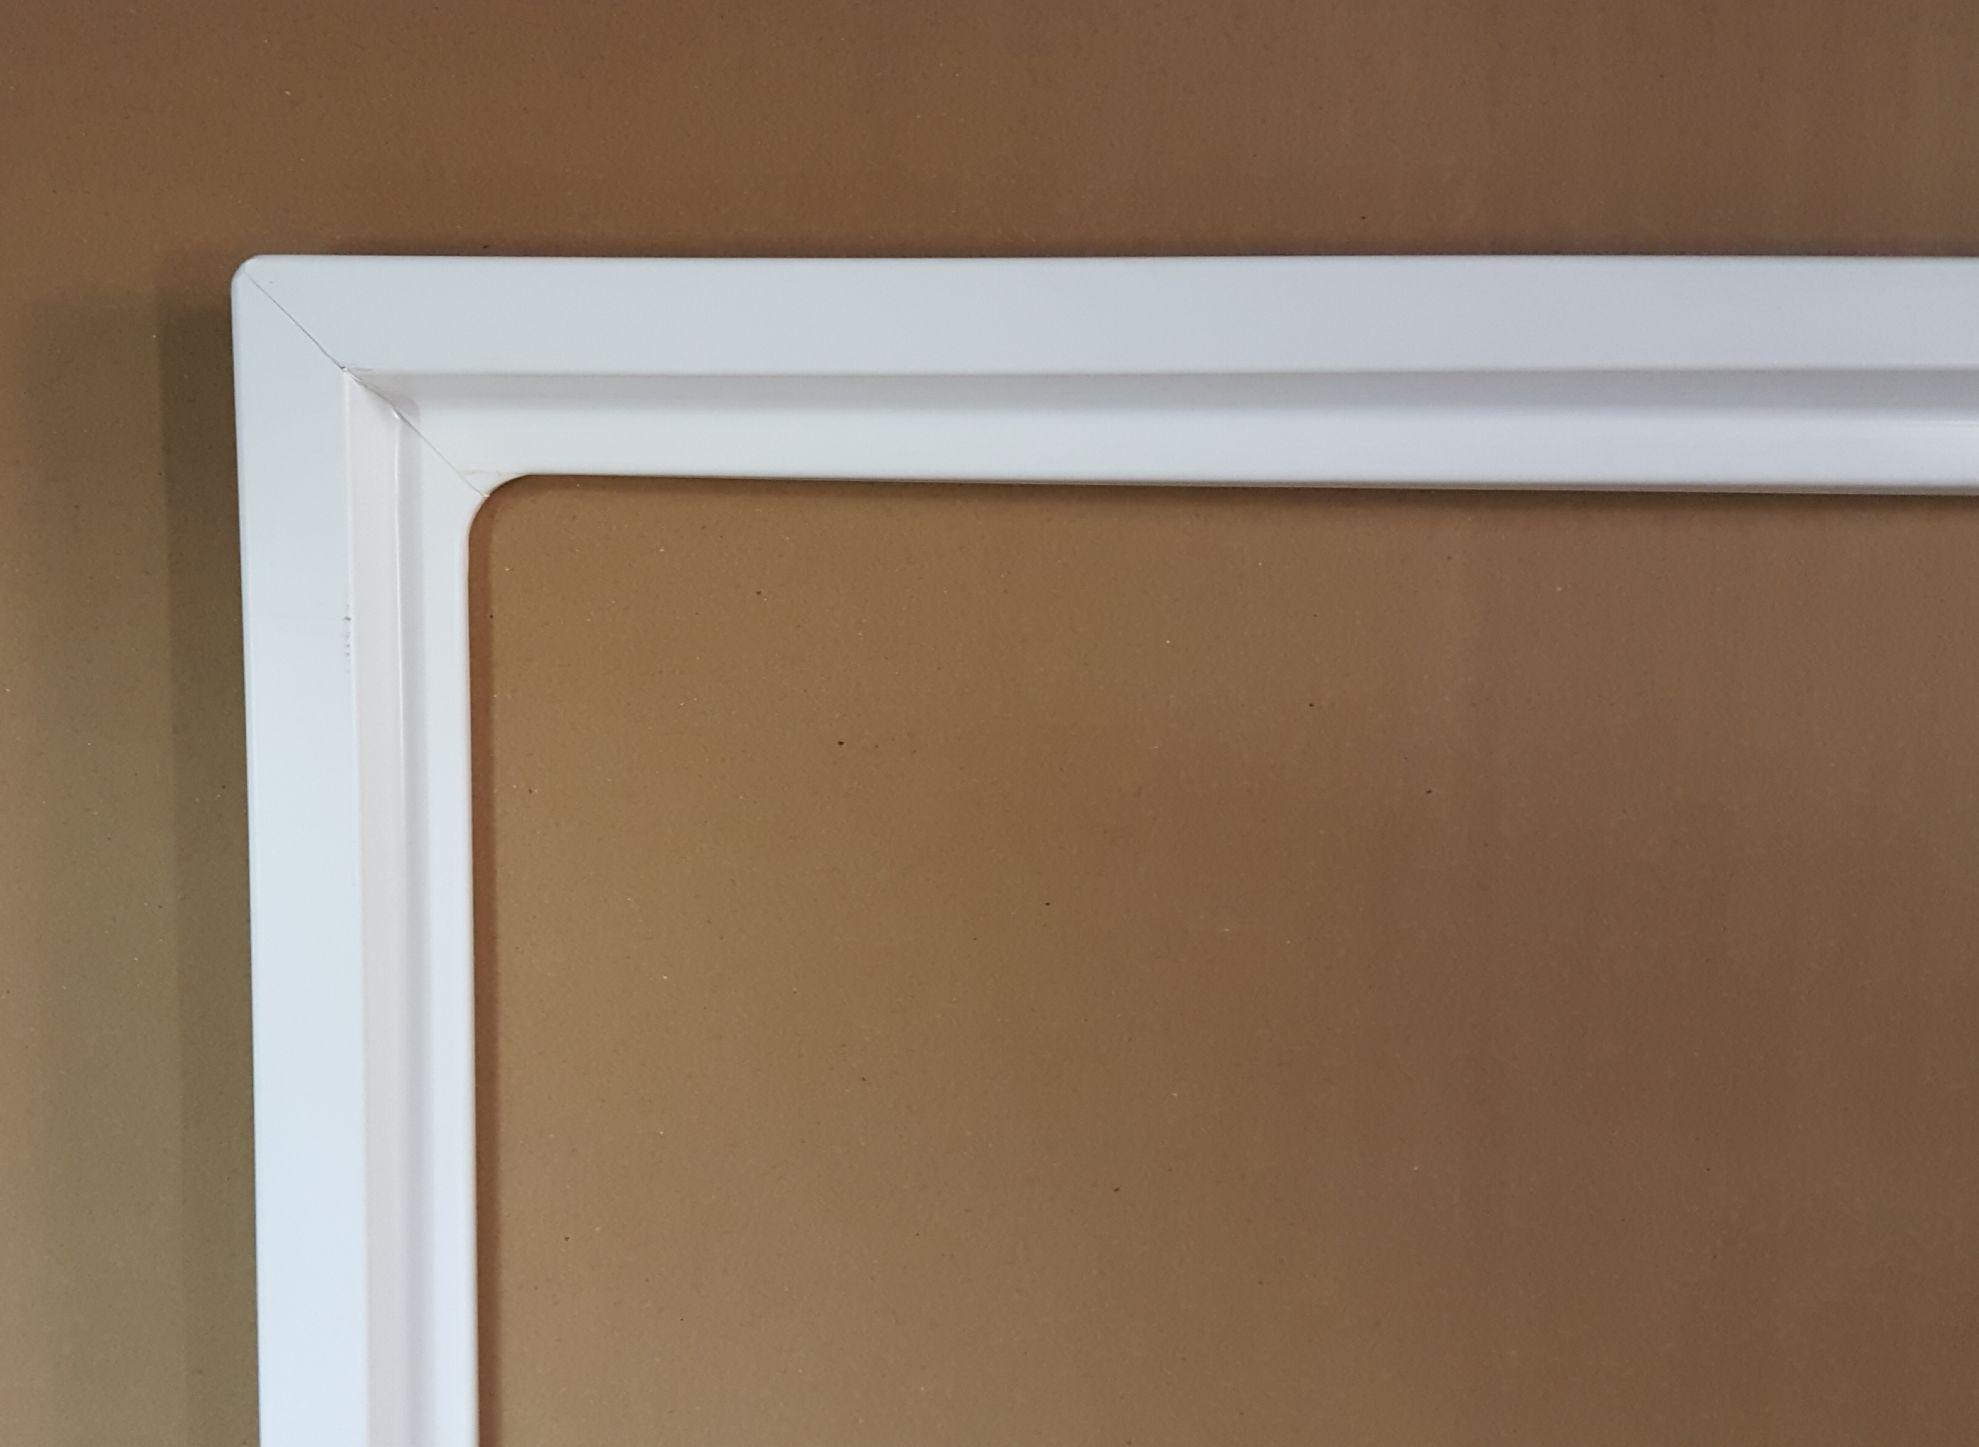 Moldura para Freezer Horizontal Metalfrio DA550 - 167 x 63 cm